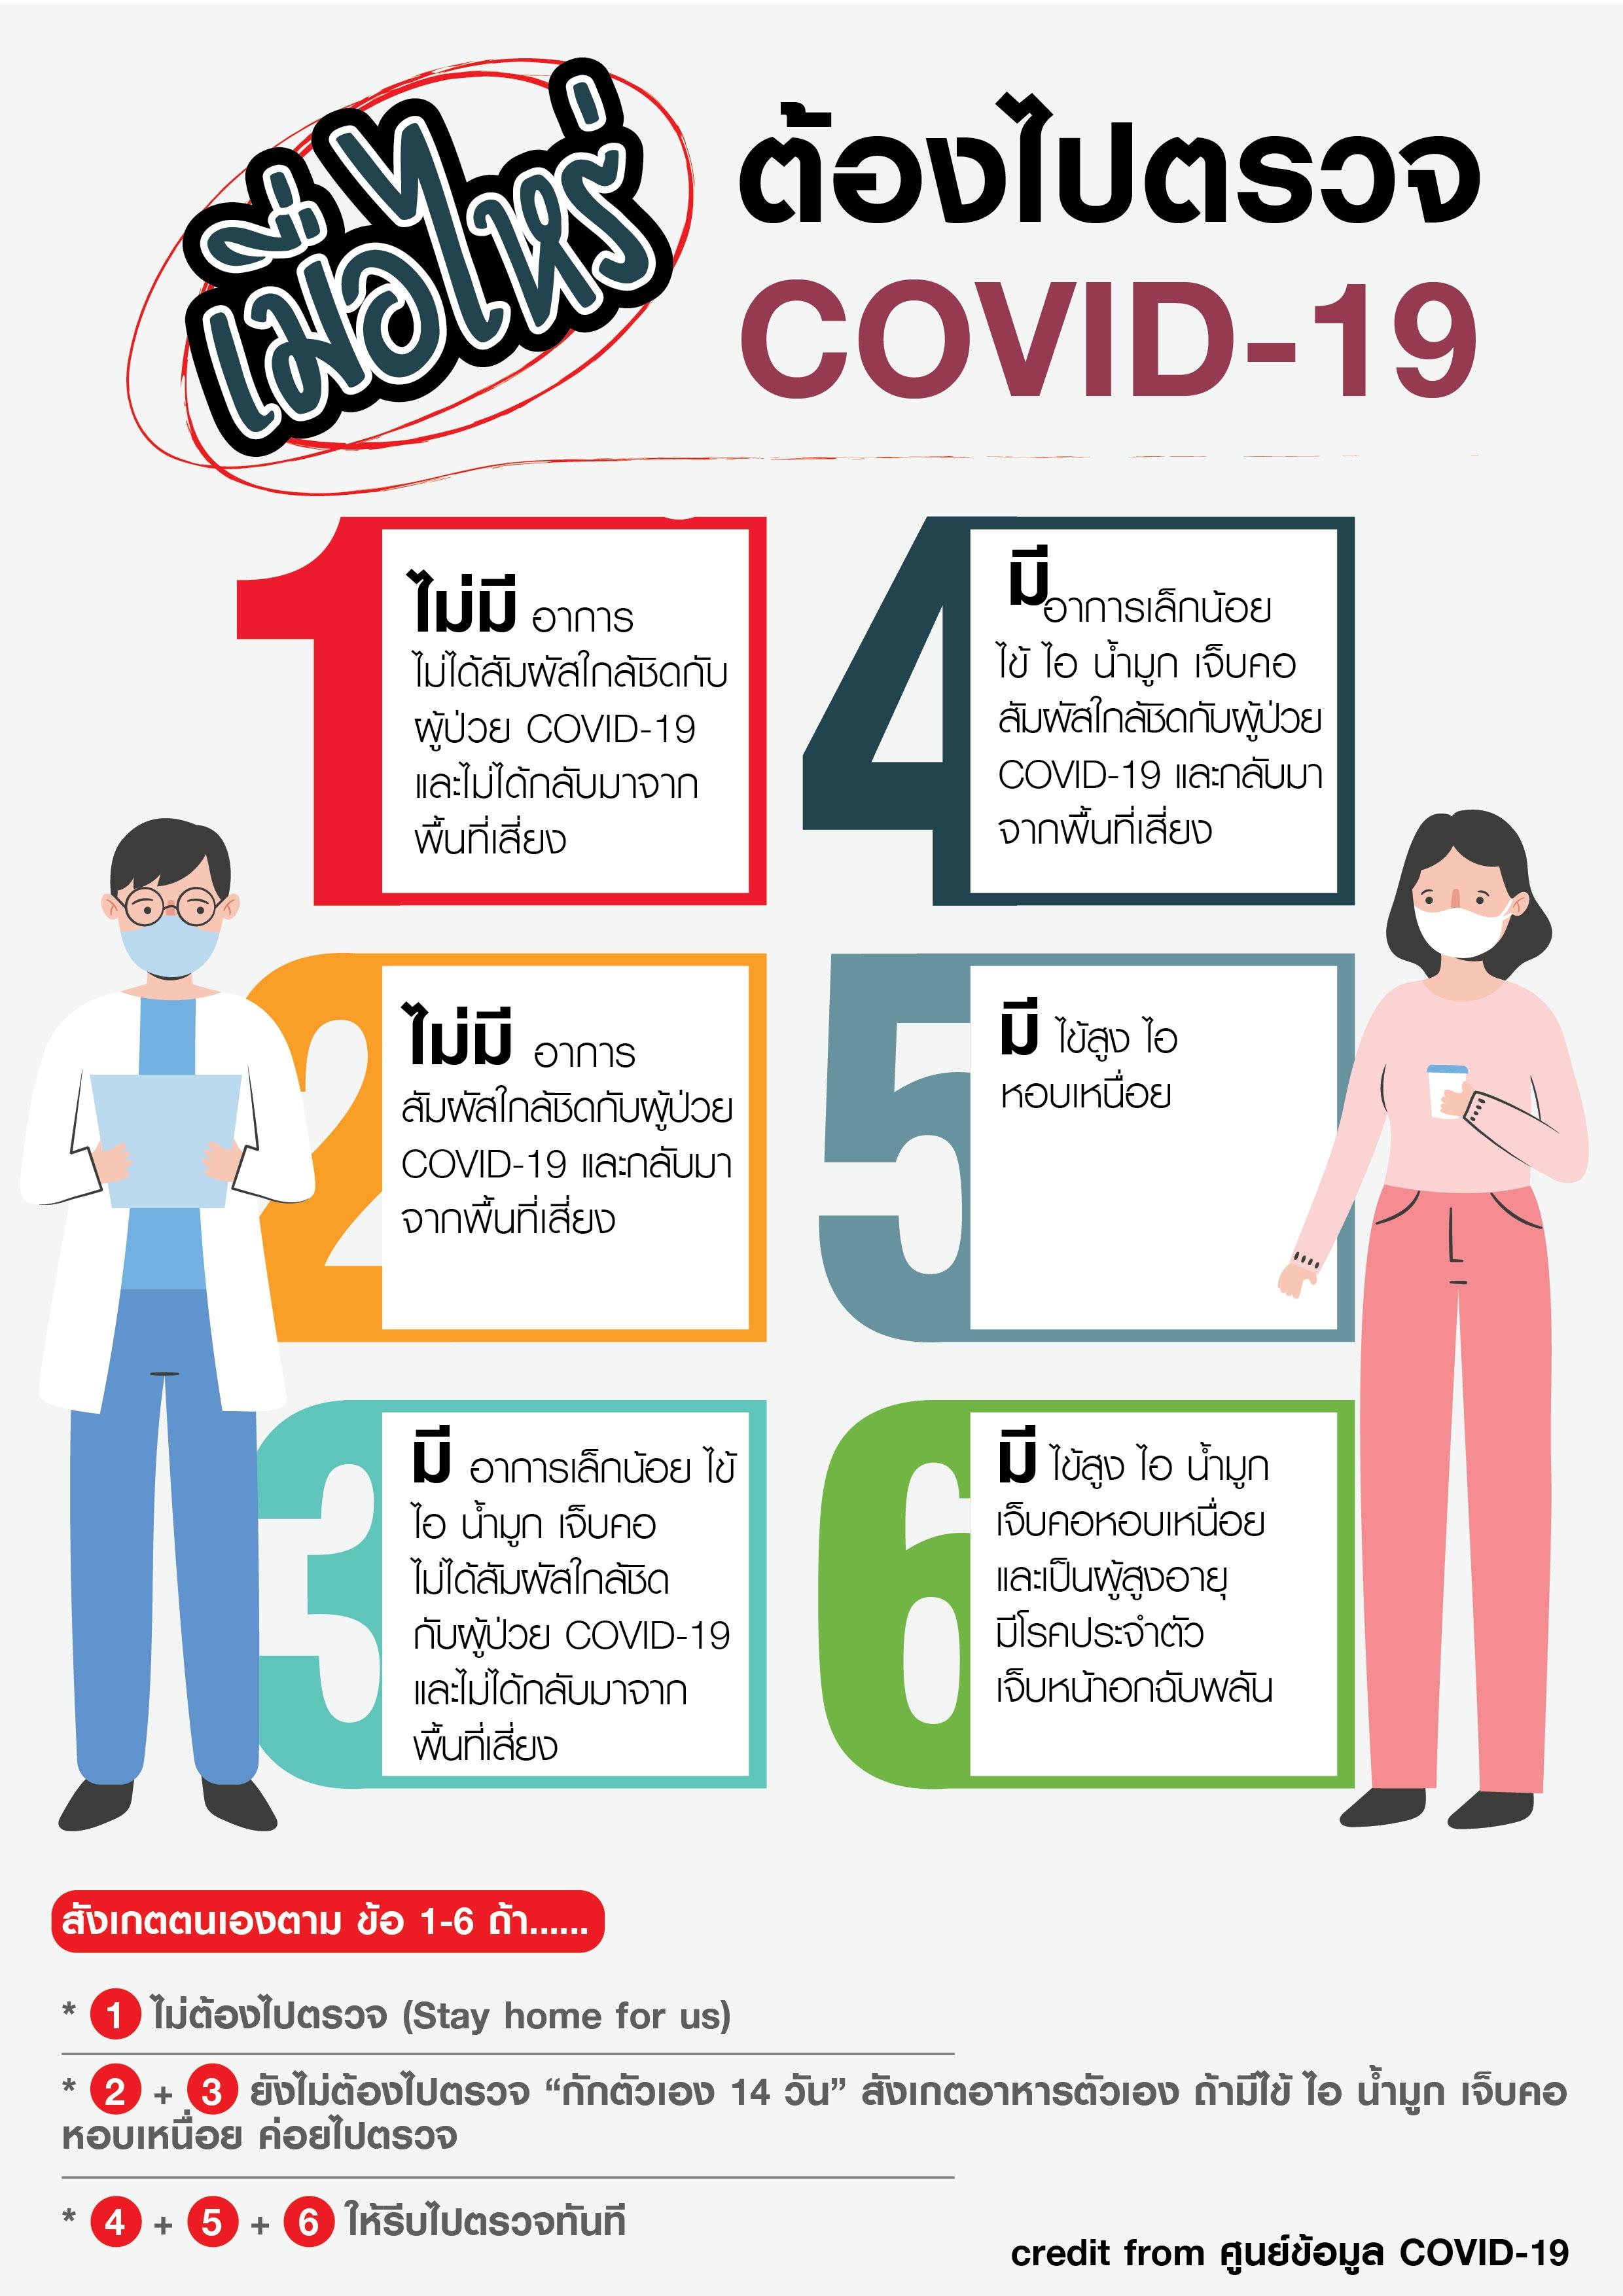 อาการที่บ่งบอกว่าเสี่ยงเป็น covid-19